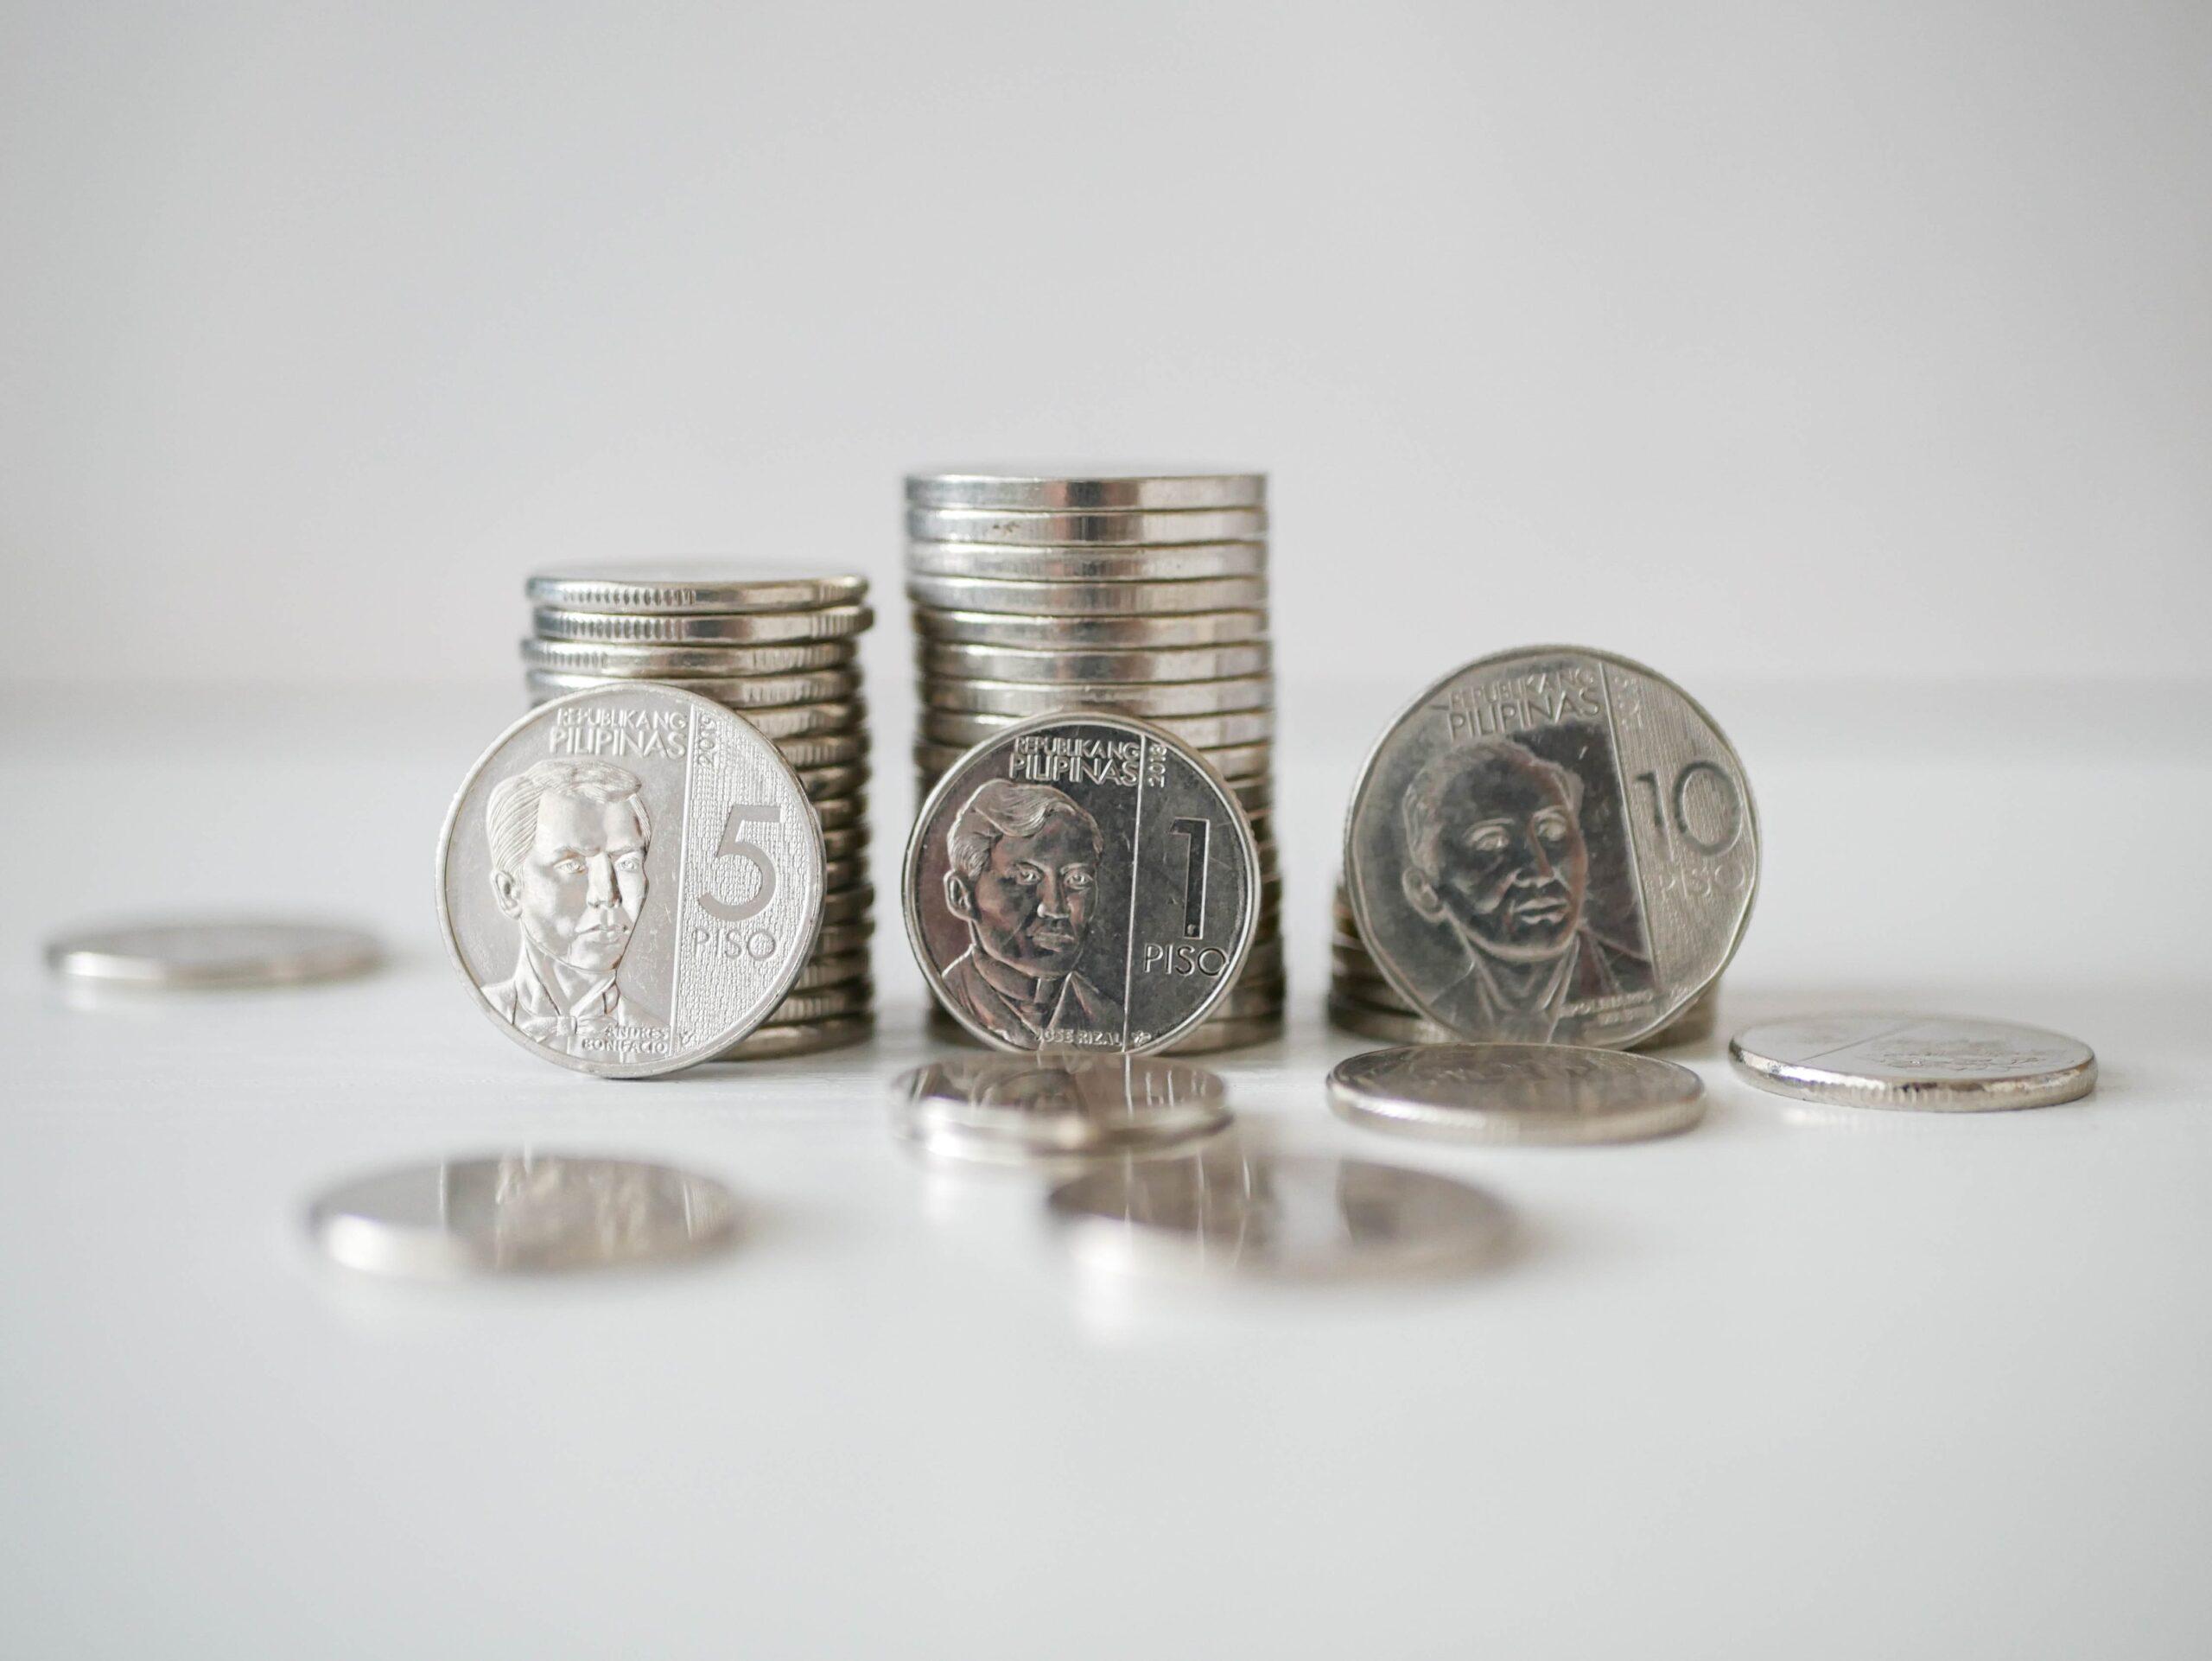 Monedas de pesos filipinos